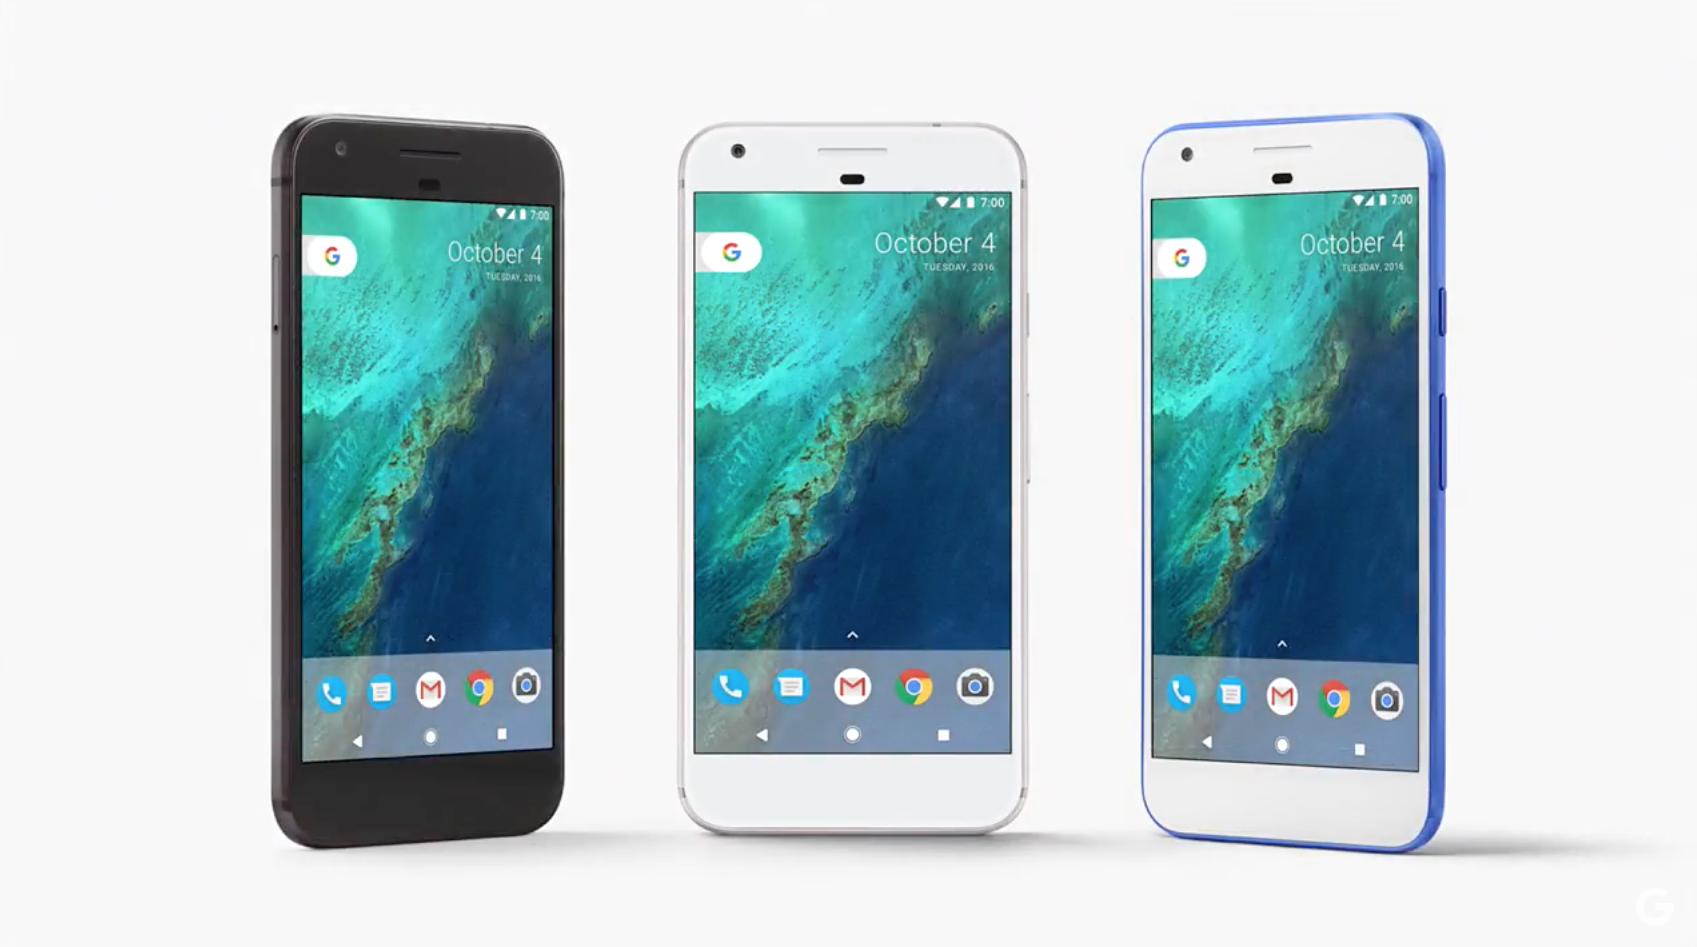 Google'ın Telefonu Donanım Arızası Yaşıyor   screen2520shot25202016 10 042520at25201237482520pm25202